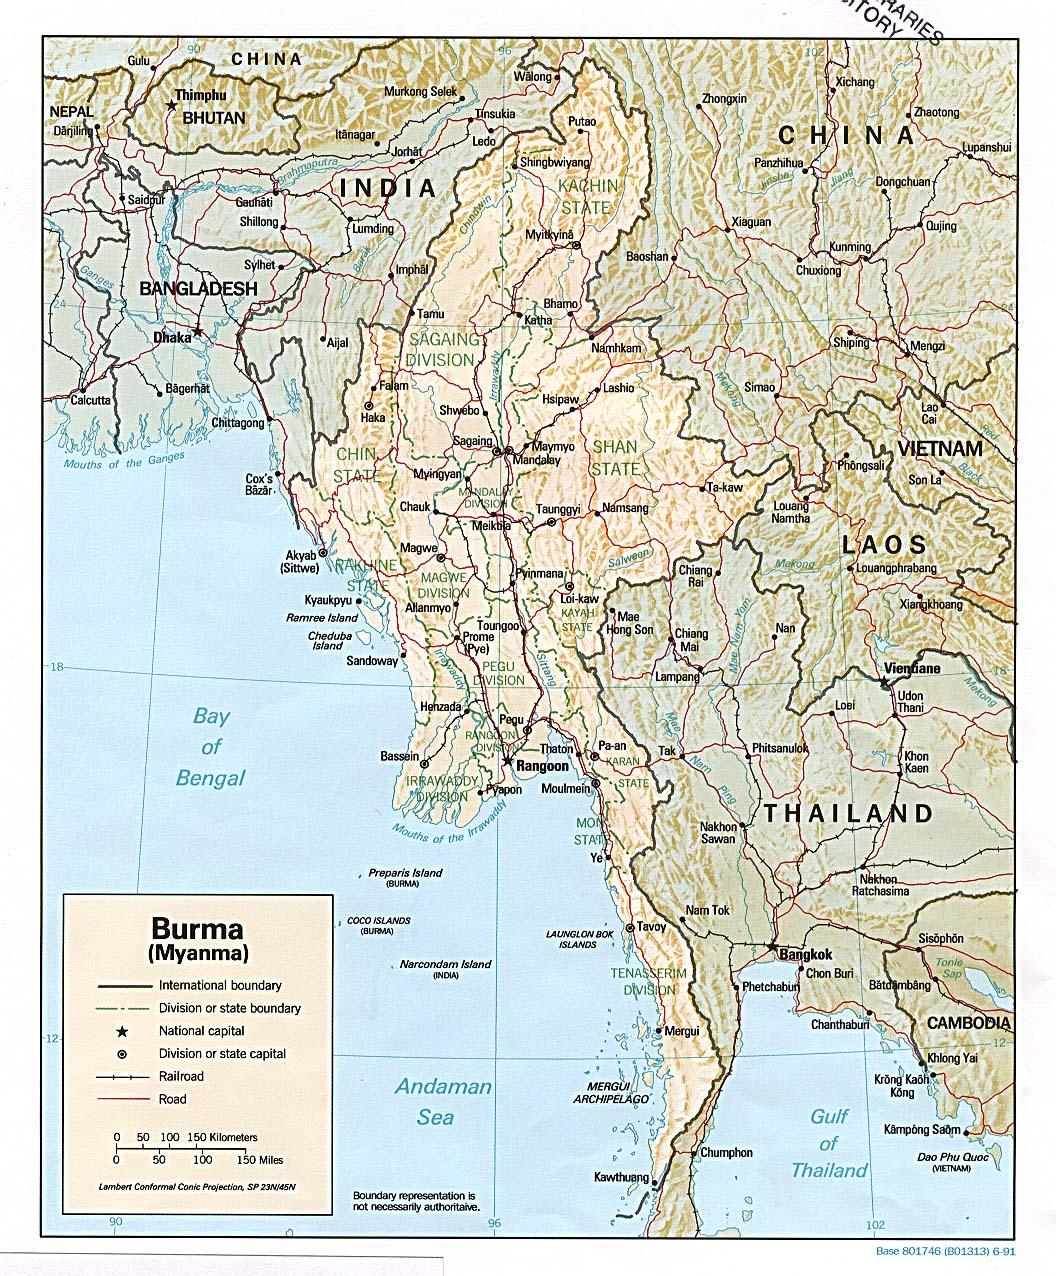 Mapa de Relieve Sombreado de Birmania (Myanmar)